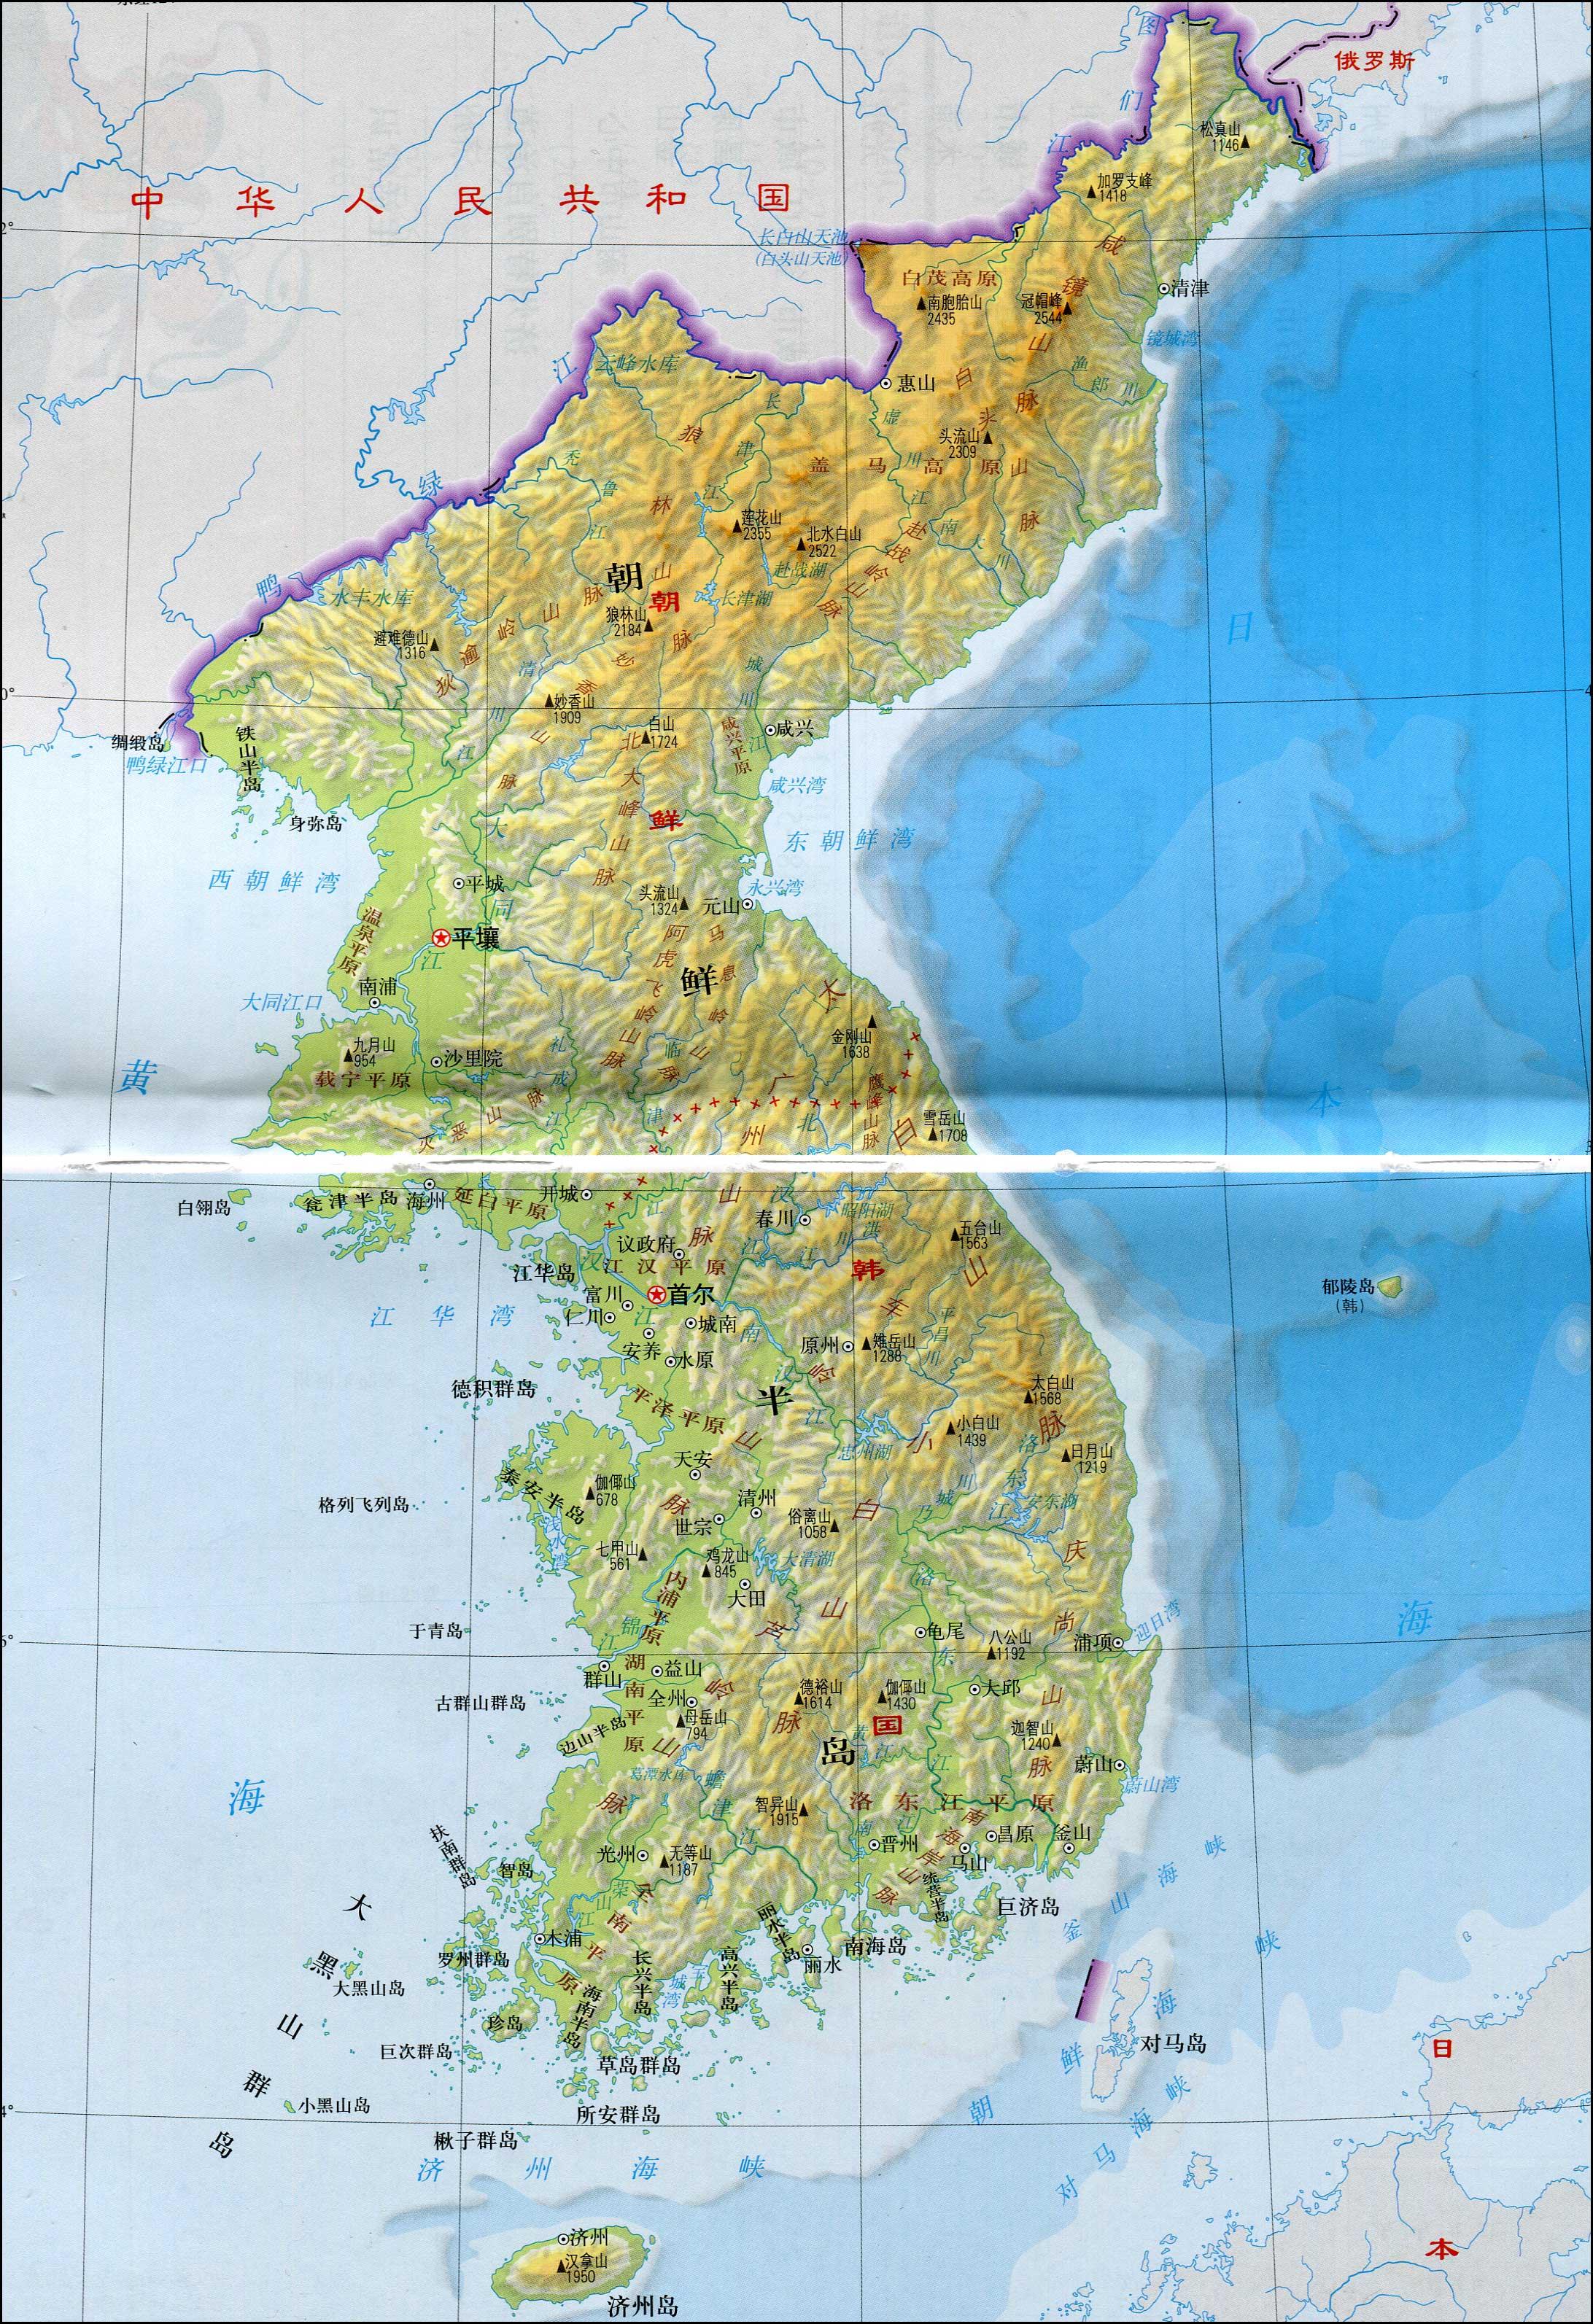 朝鲜半岛地图